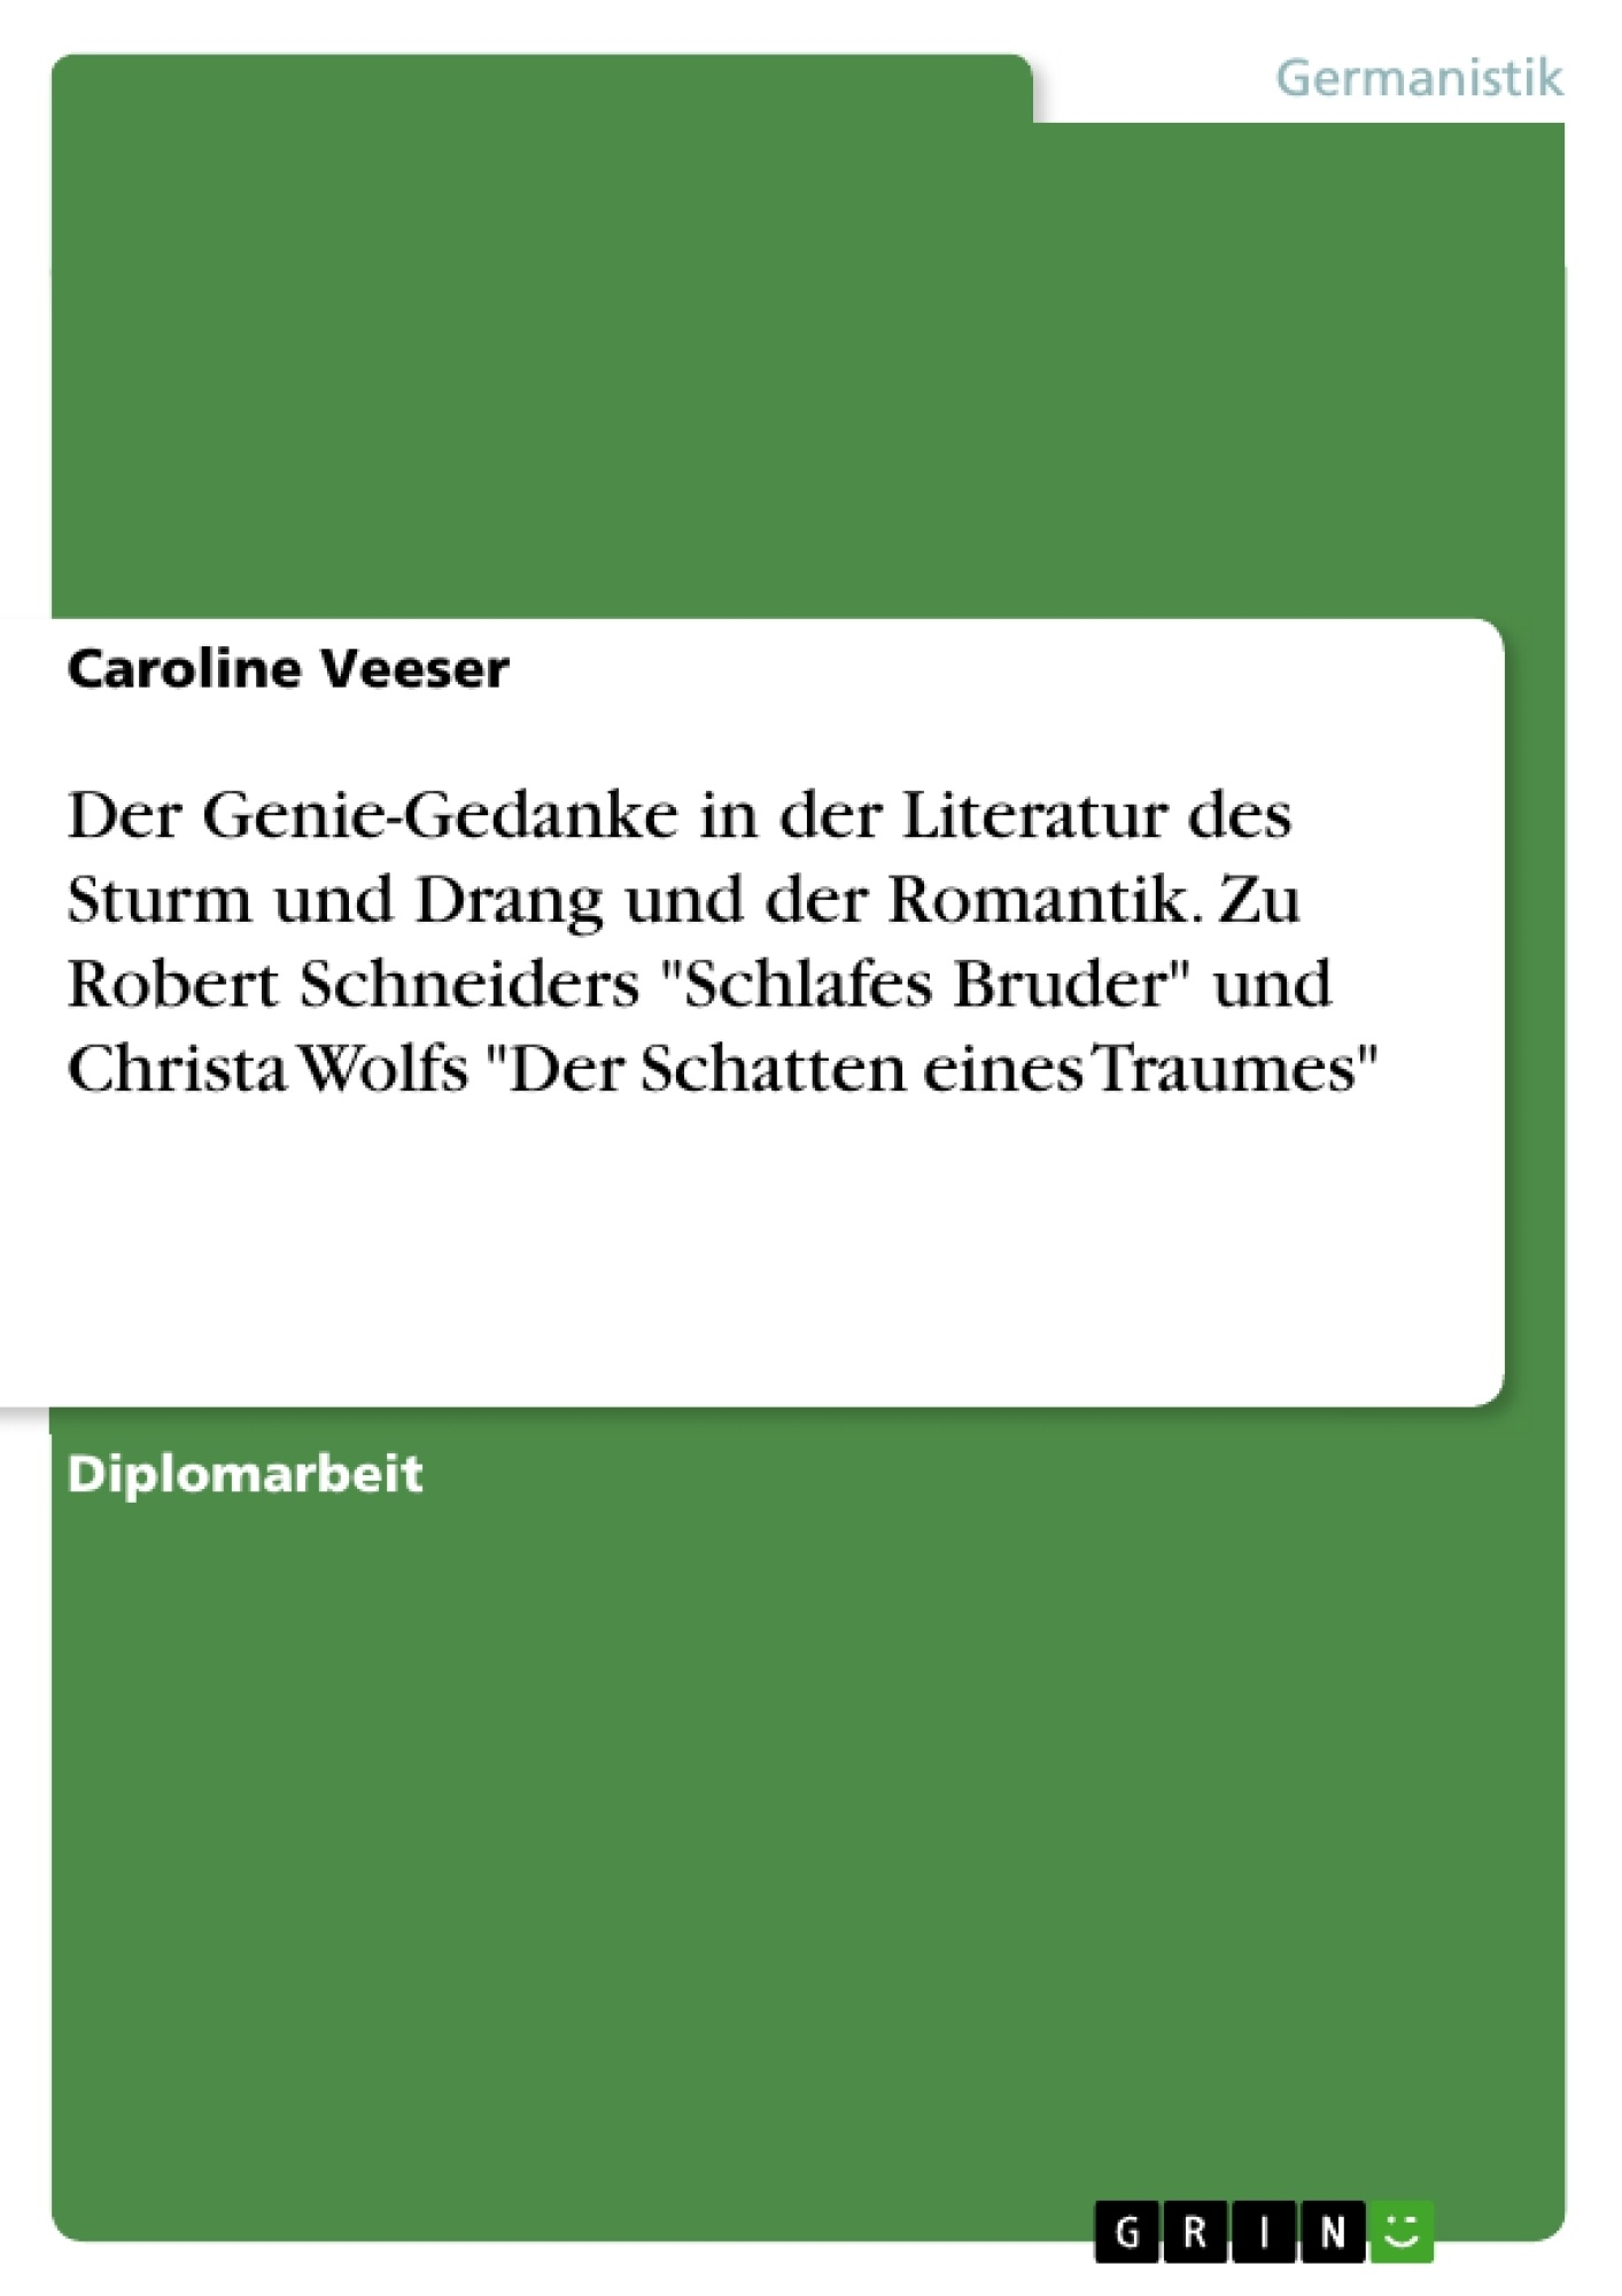 """Titel: Der Genie-Gedanke in der Literatur des Sturm und Drang und der Romantik. Zu Robert Schneiders """"Schlafes Bruder"""" und Christa Wolfs """"Der Schatten eines Traumes"""""""